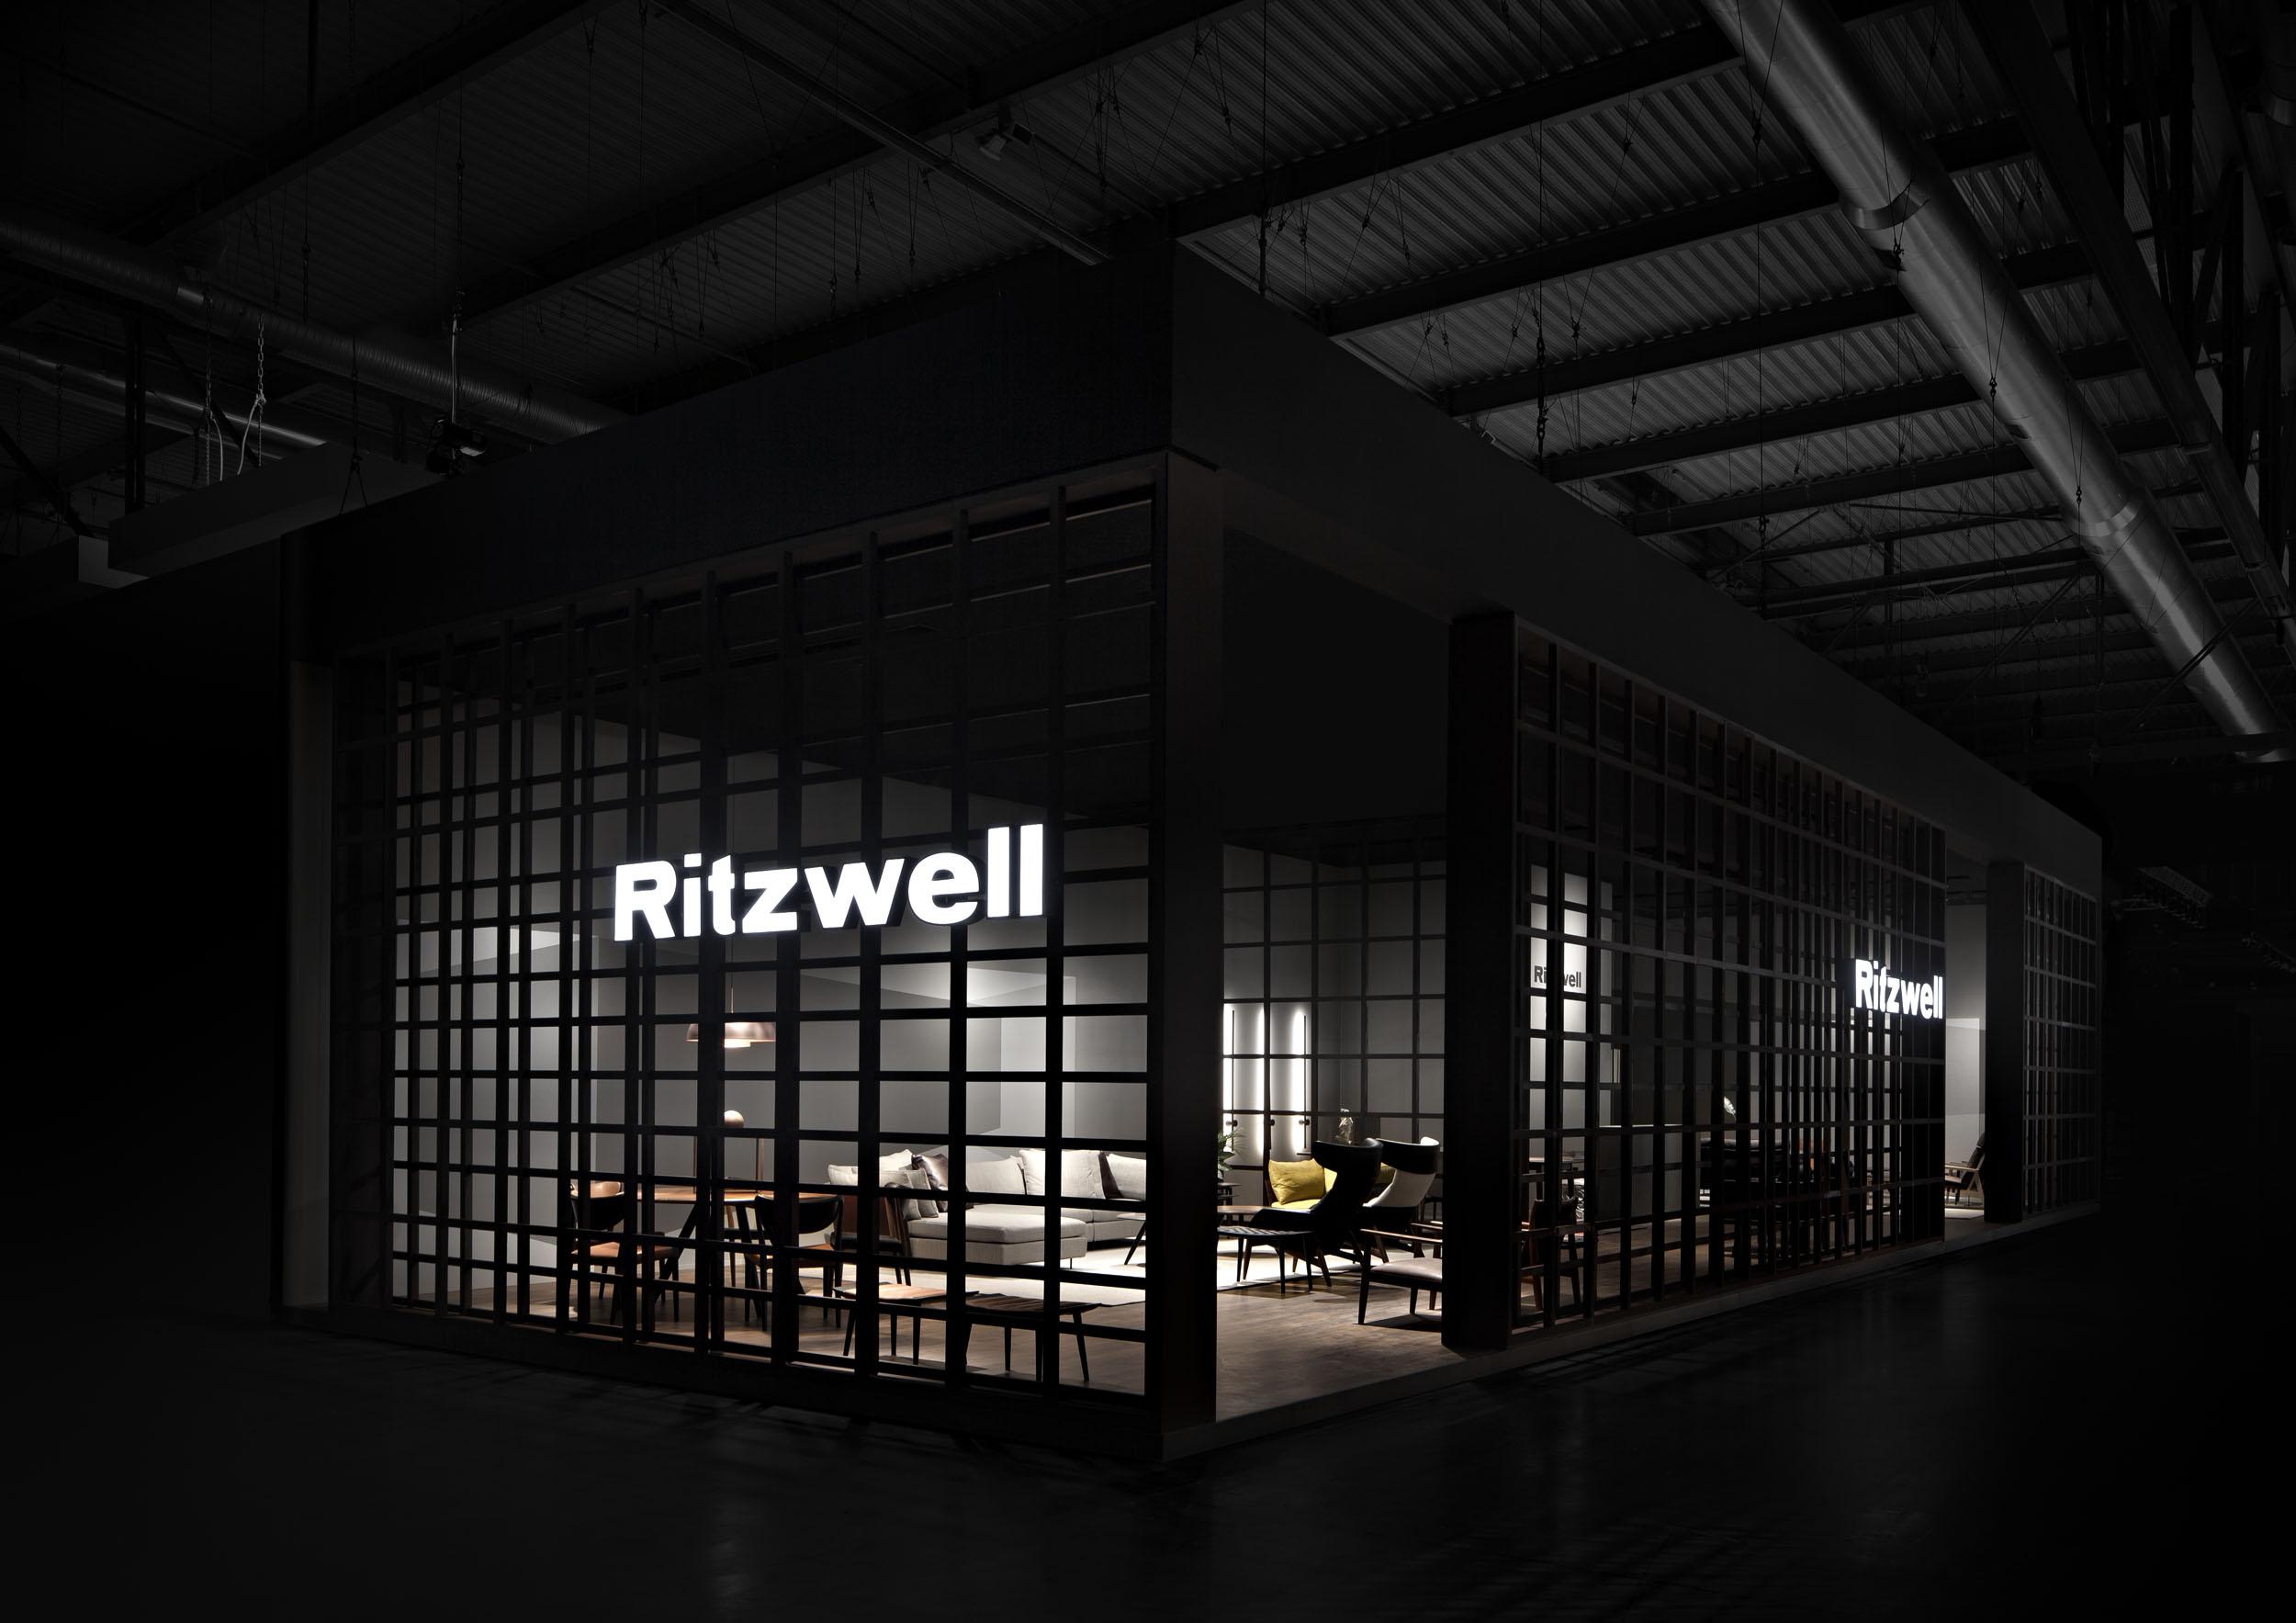 2017-Ritzwellco_01